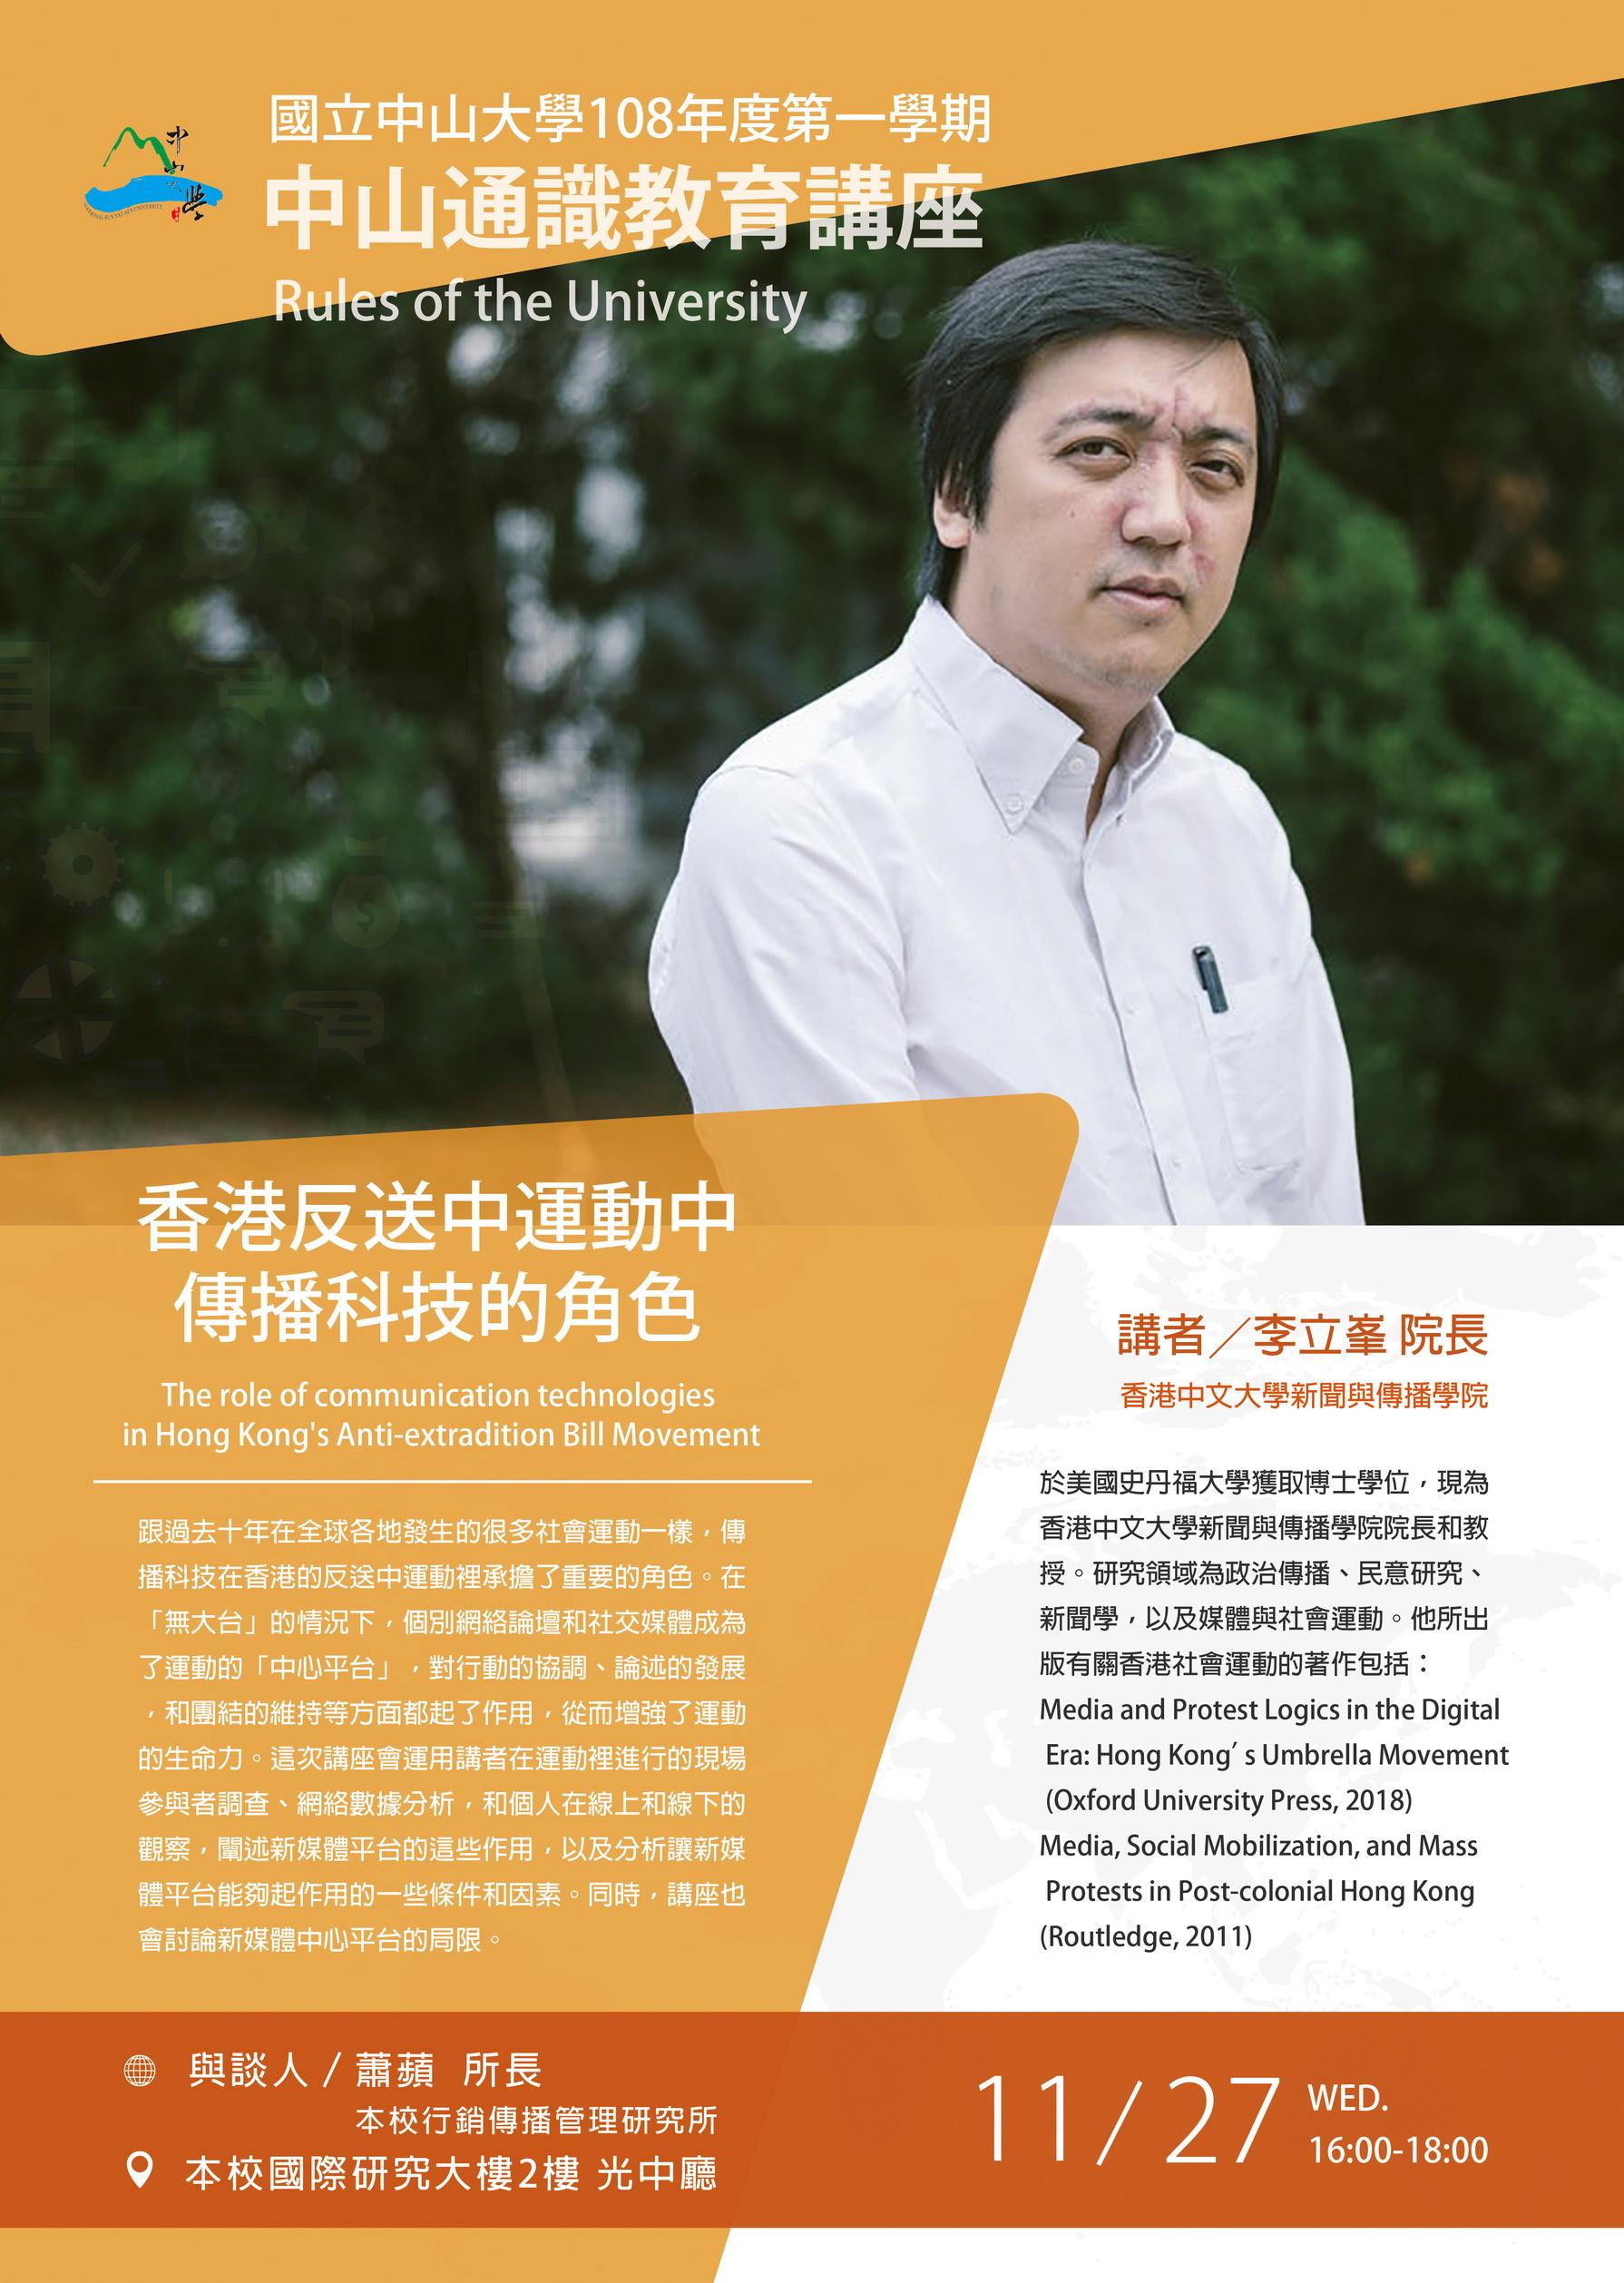 李立峯:香港反送中運動中傳播科技的角色